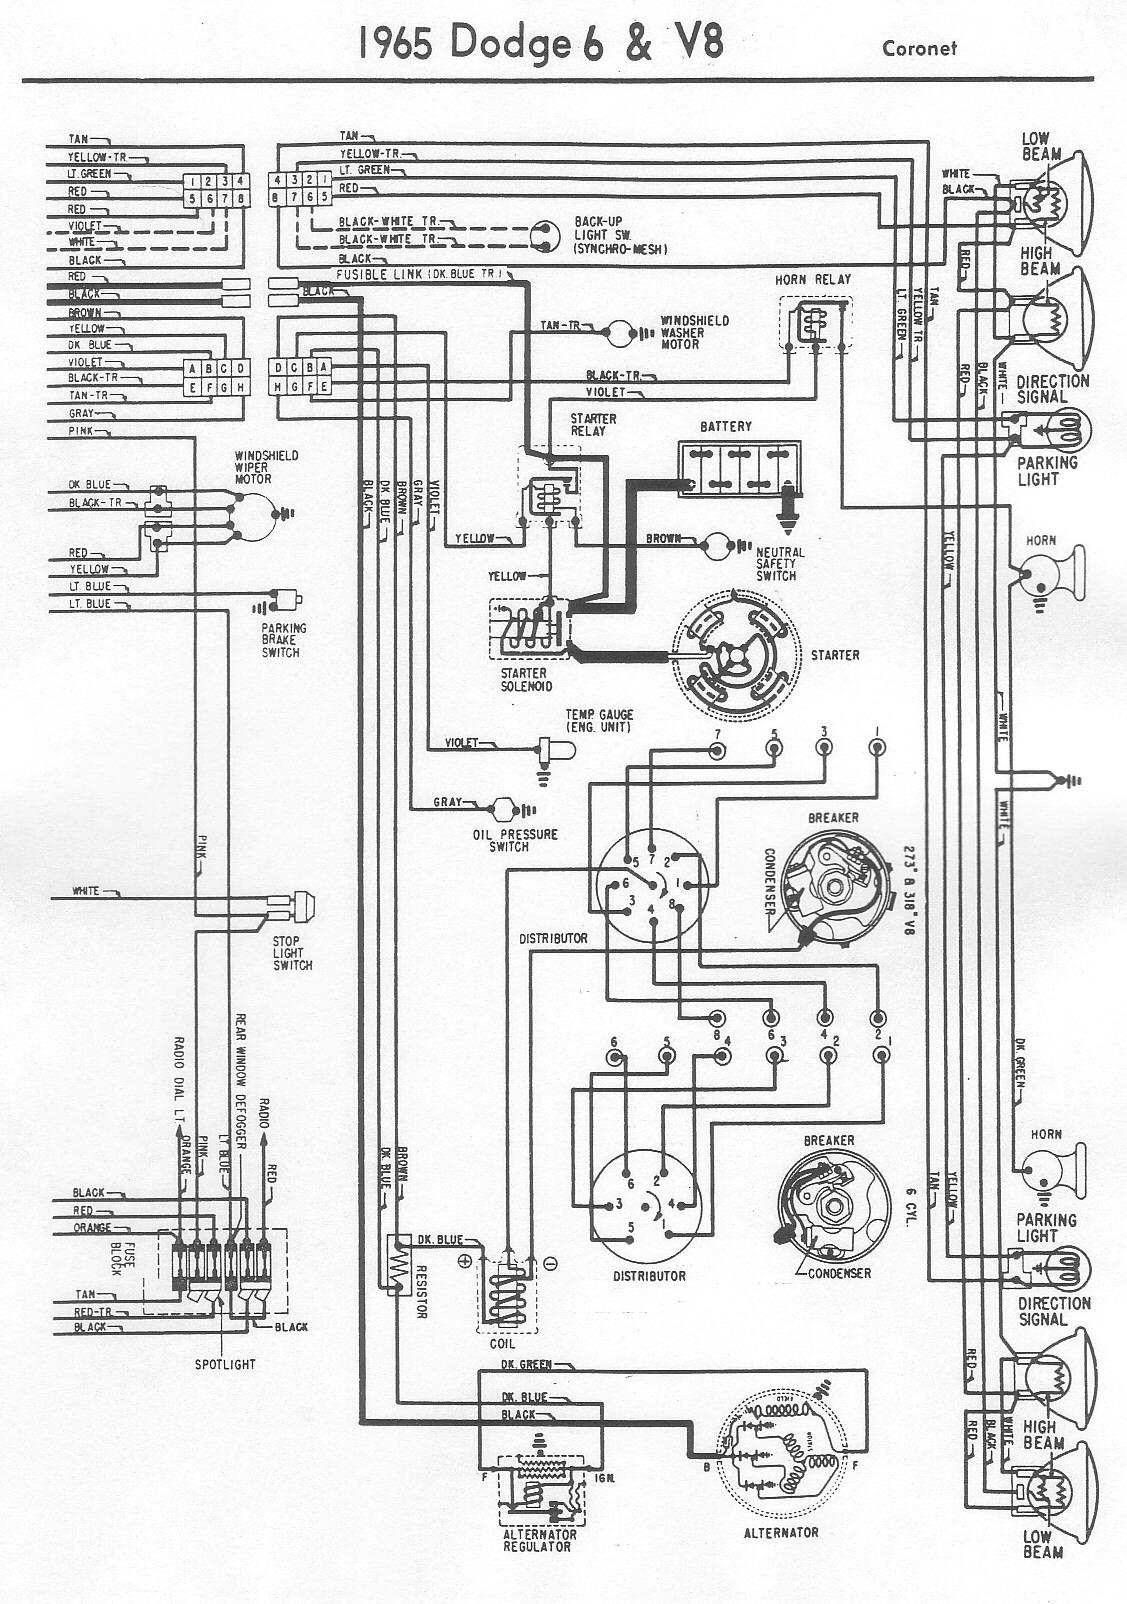 1960 dodge wiring diagram online wiring diagram 1960 dodge pickup wiring diagram free download [ 1127 x 1604 Pixel ]